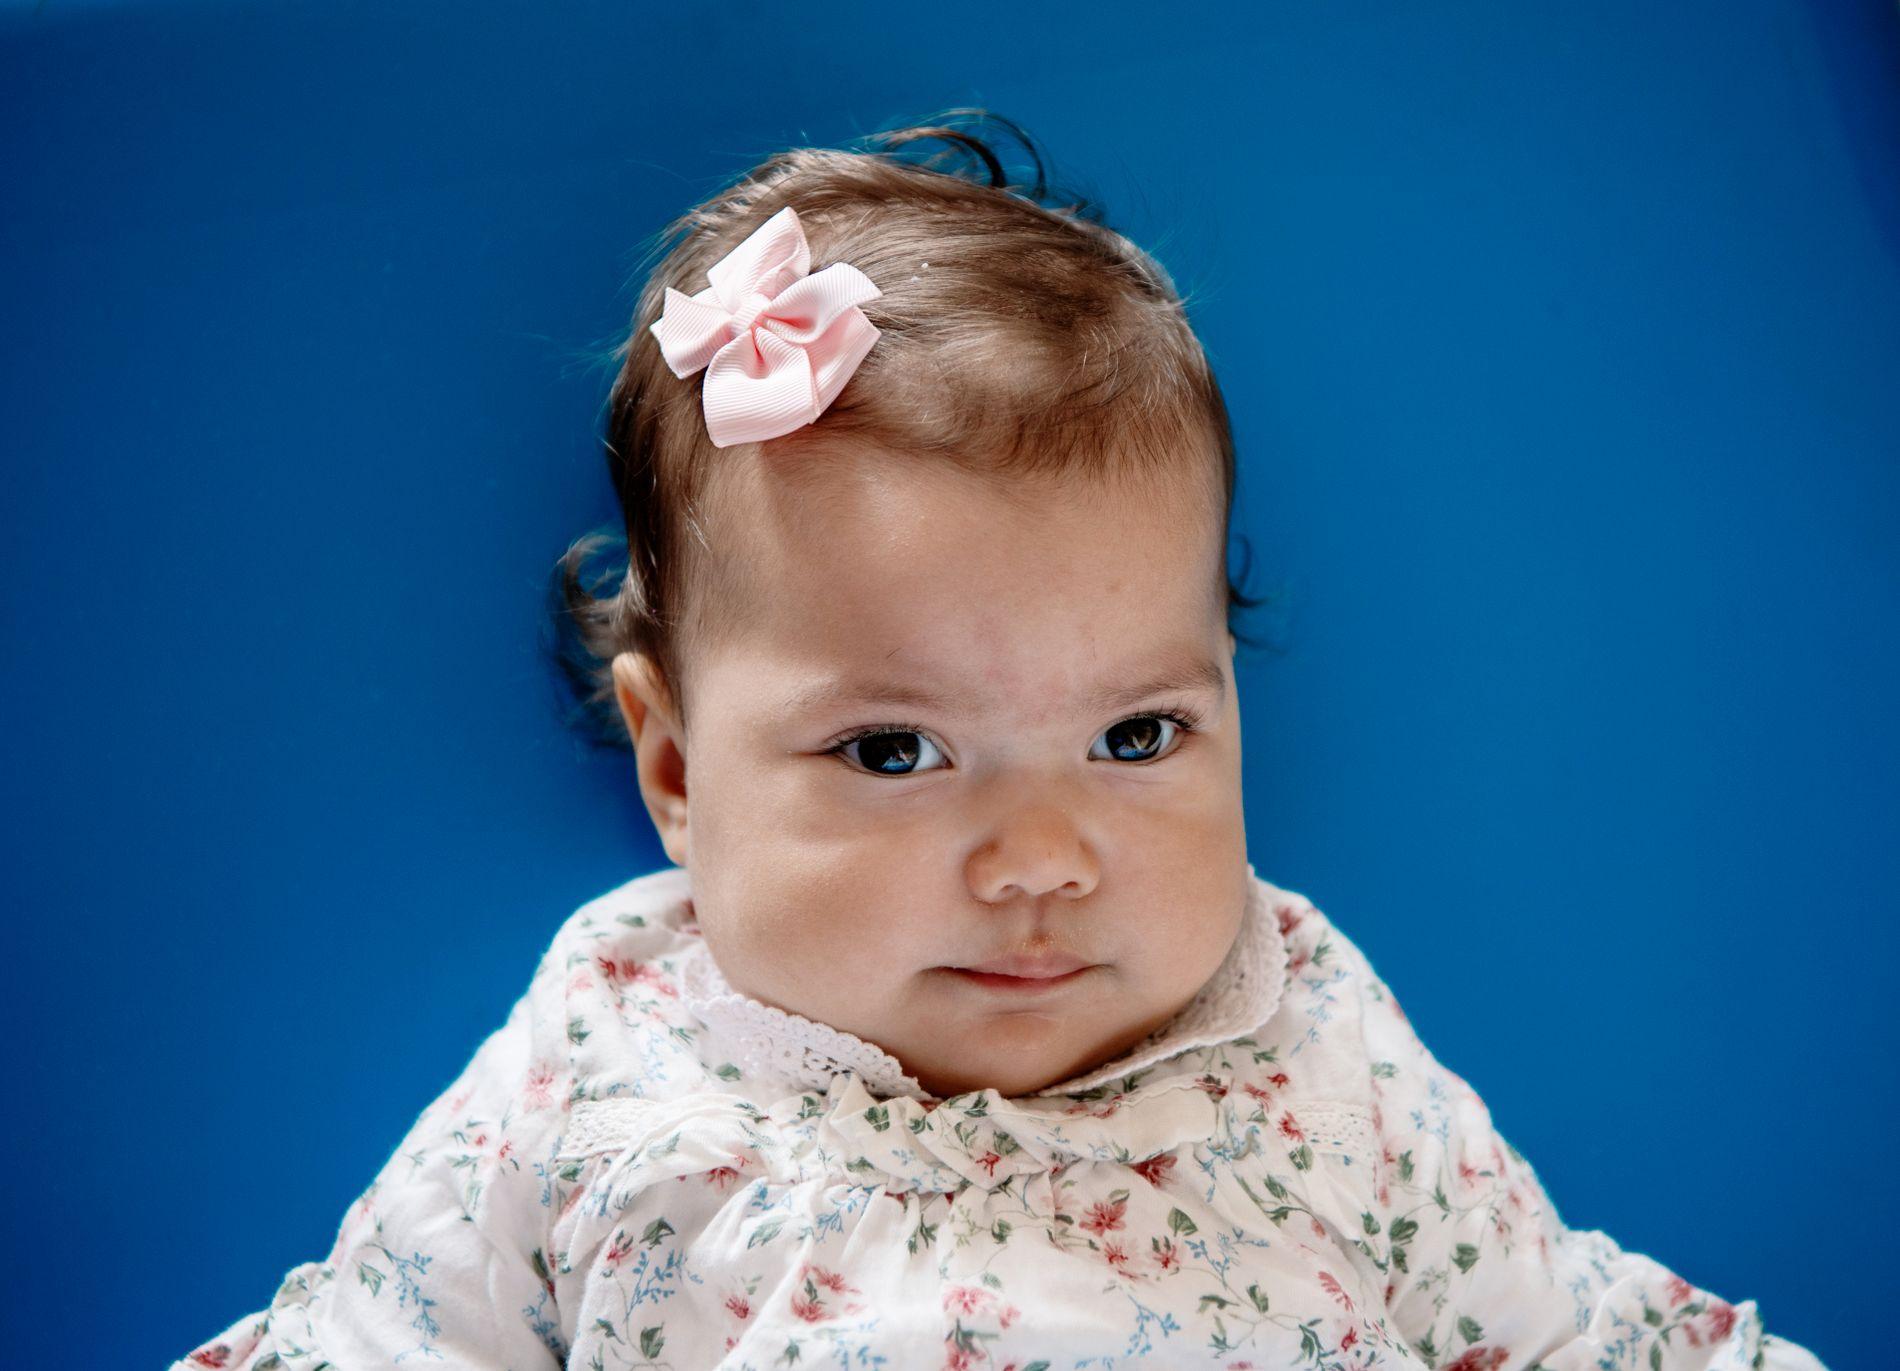 TRENGER FORUTSIGBARHET: Et langsiktig tilbud er det beste for livskvaliteten til Isabella, mener foreldrene.